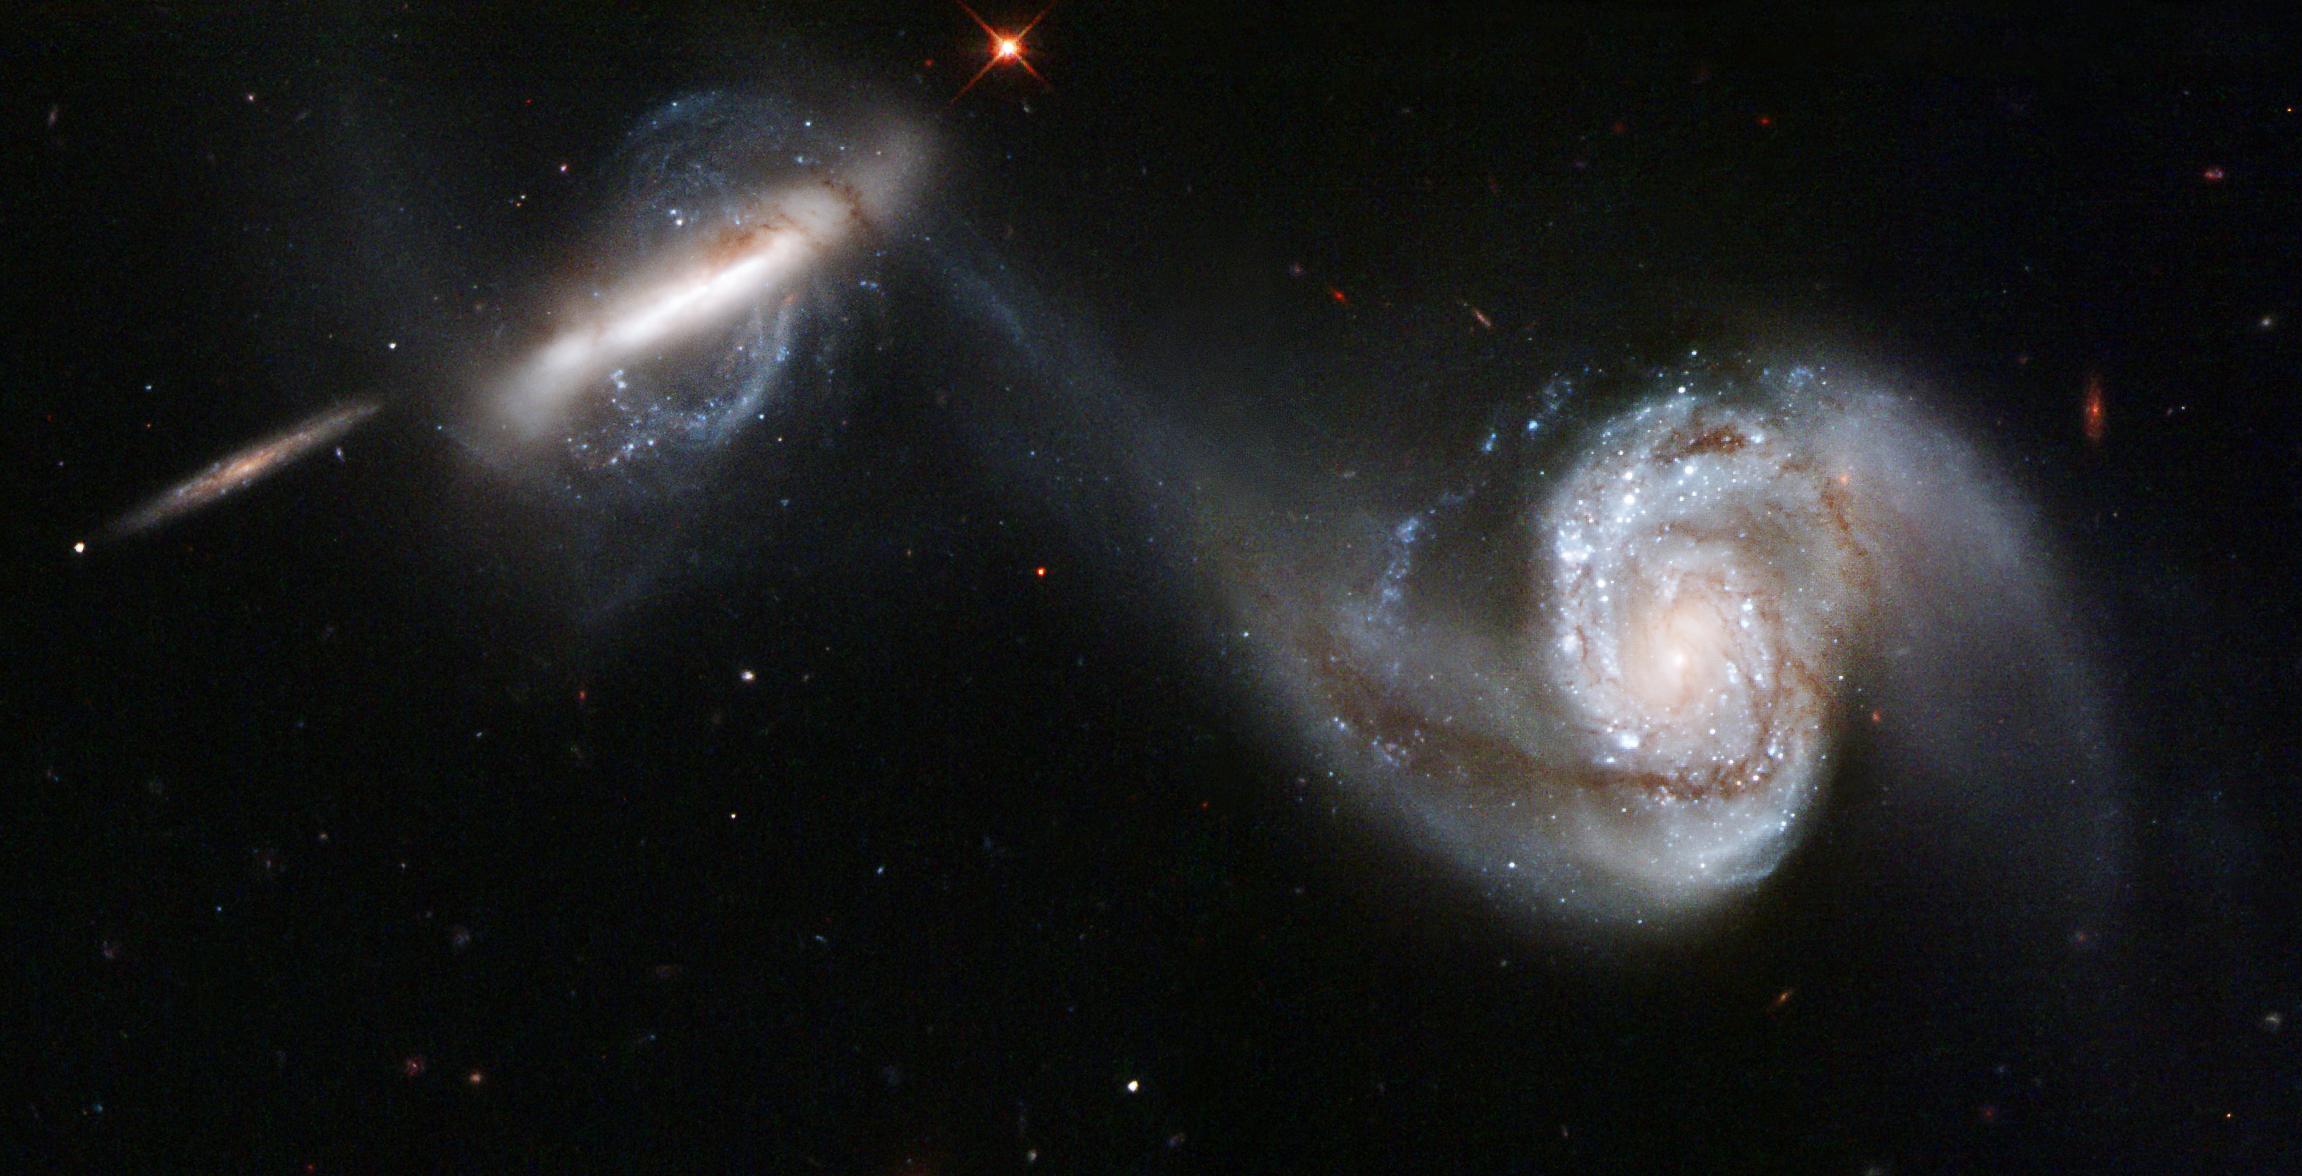 Galaxy Pair Arp 87